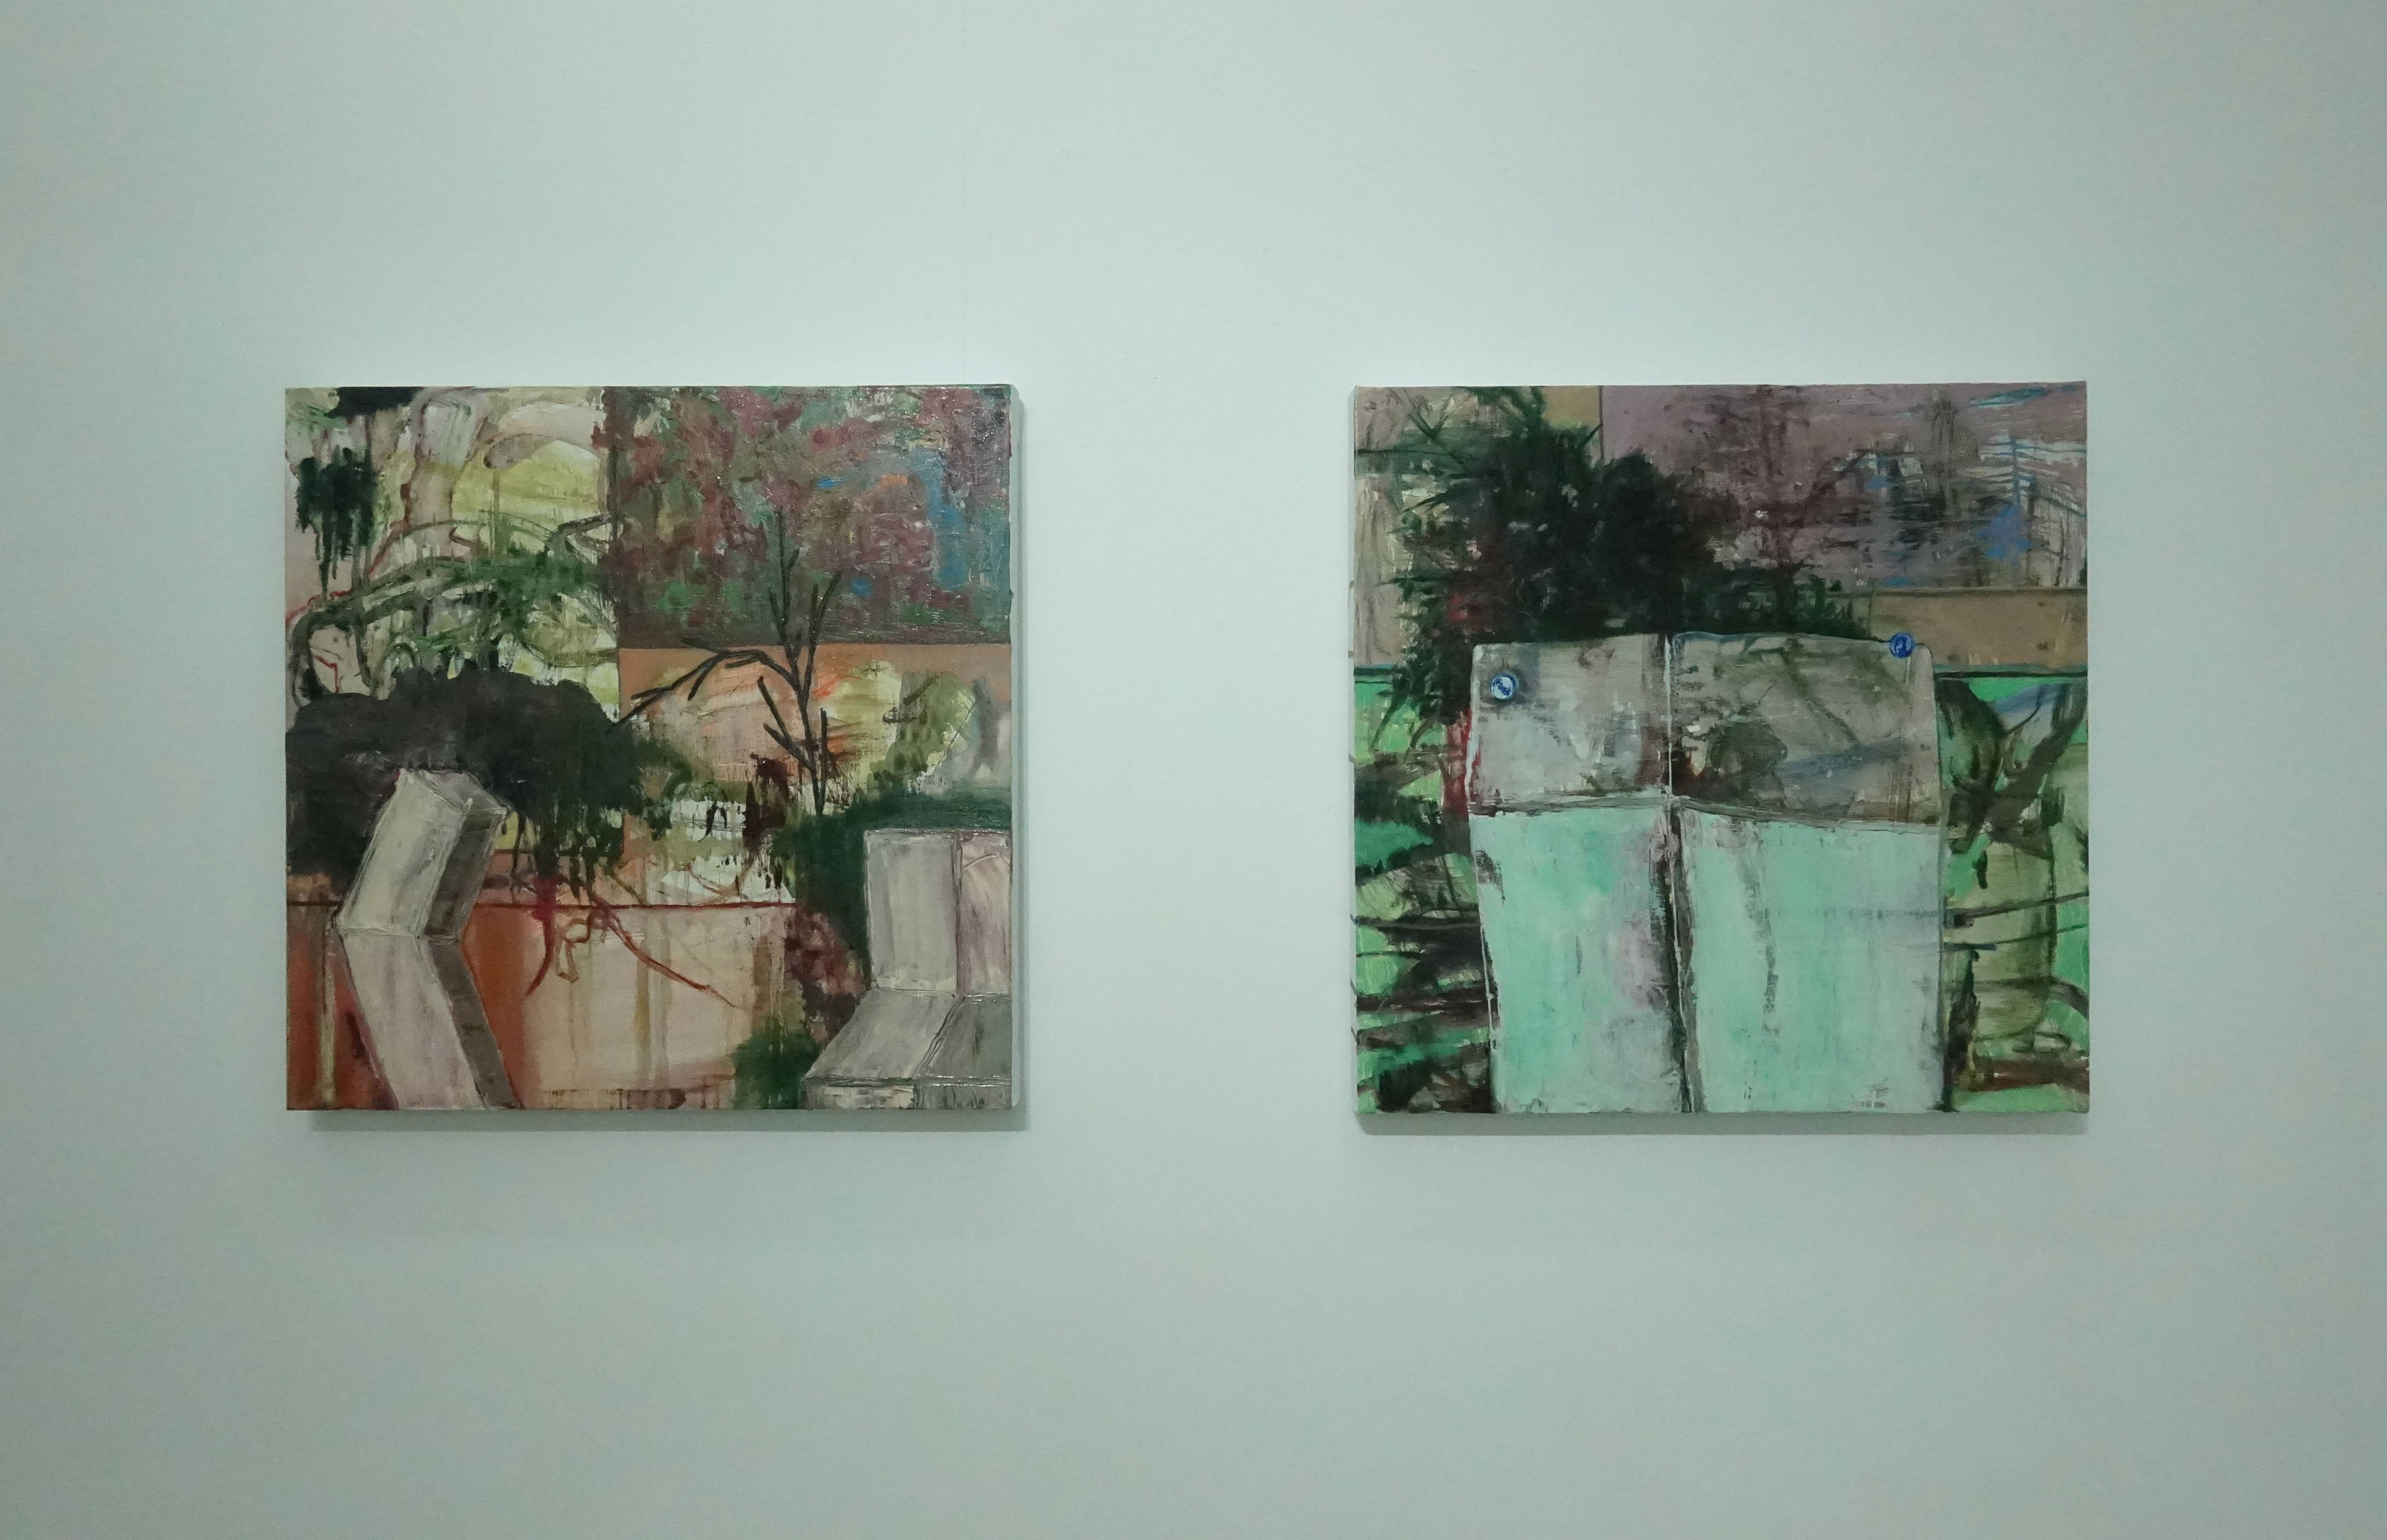 鄭婷婷,《那邊的學生雕塑I》(左),油畫畫布,2018。鄭婷婷,《那邊的學生雕塑II》(右),油畫畫布,2018。